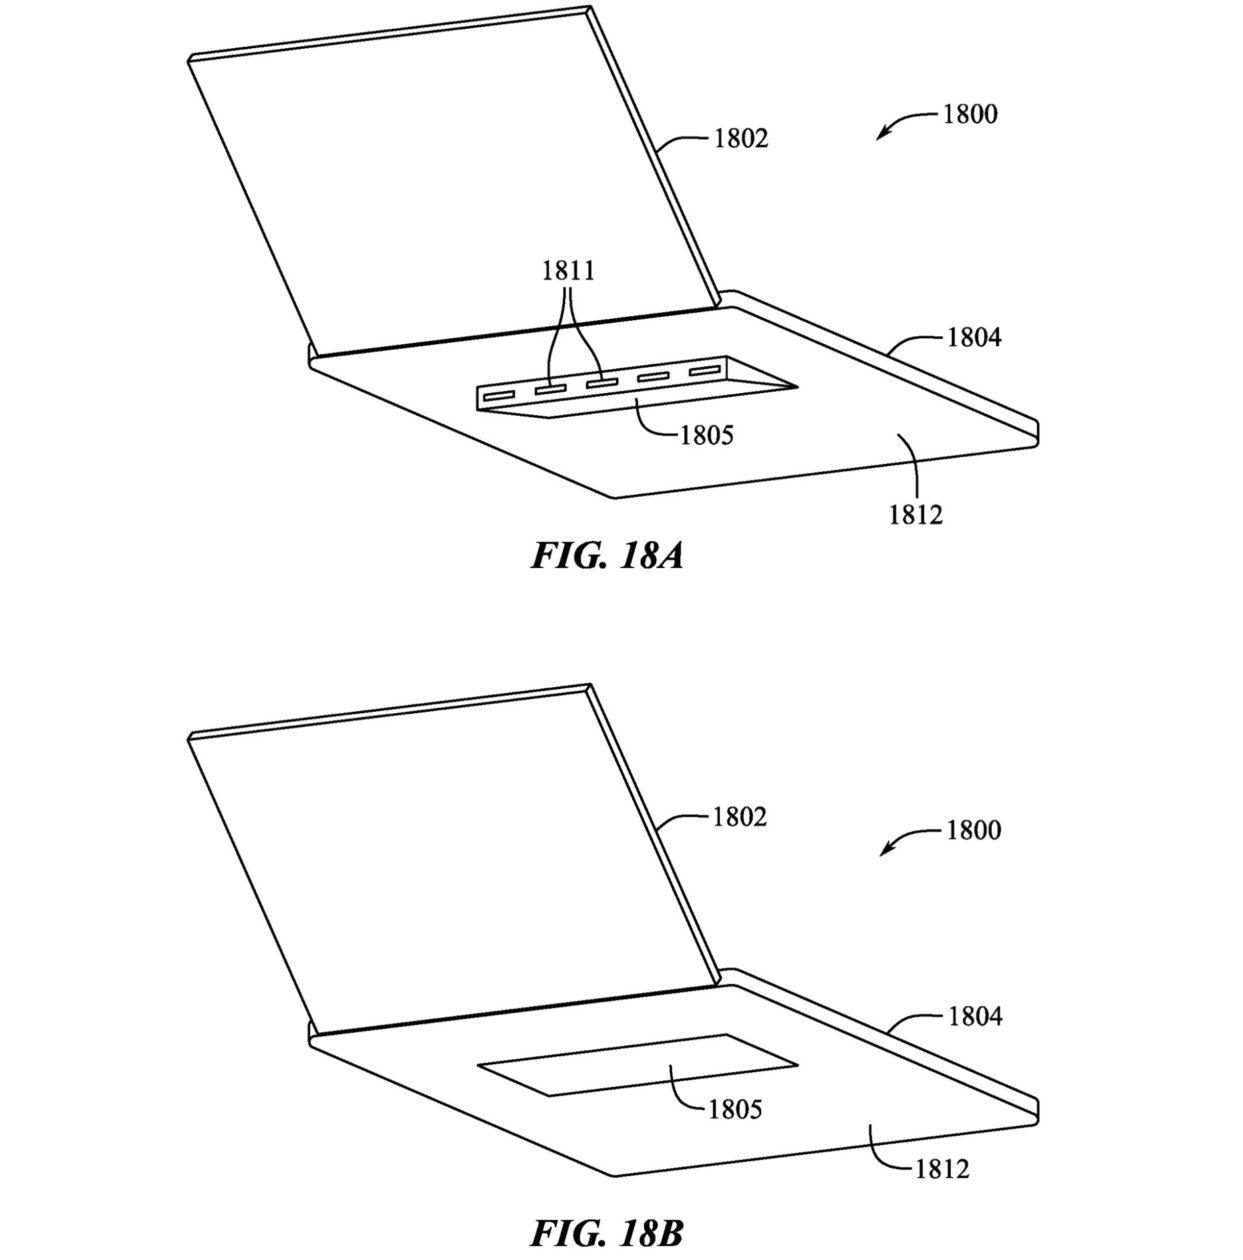 Patente de pés retráteis para MacBooks